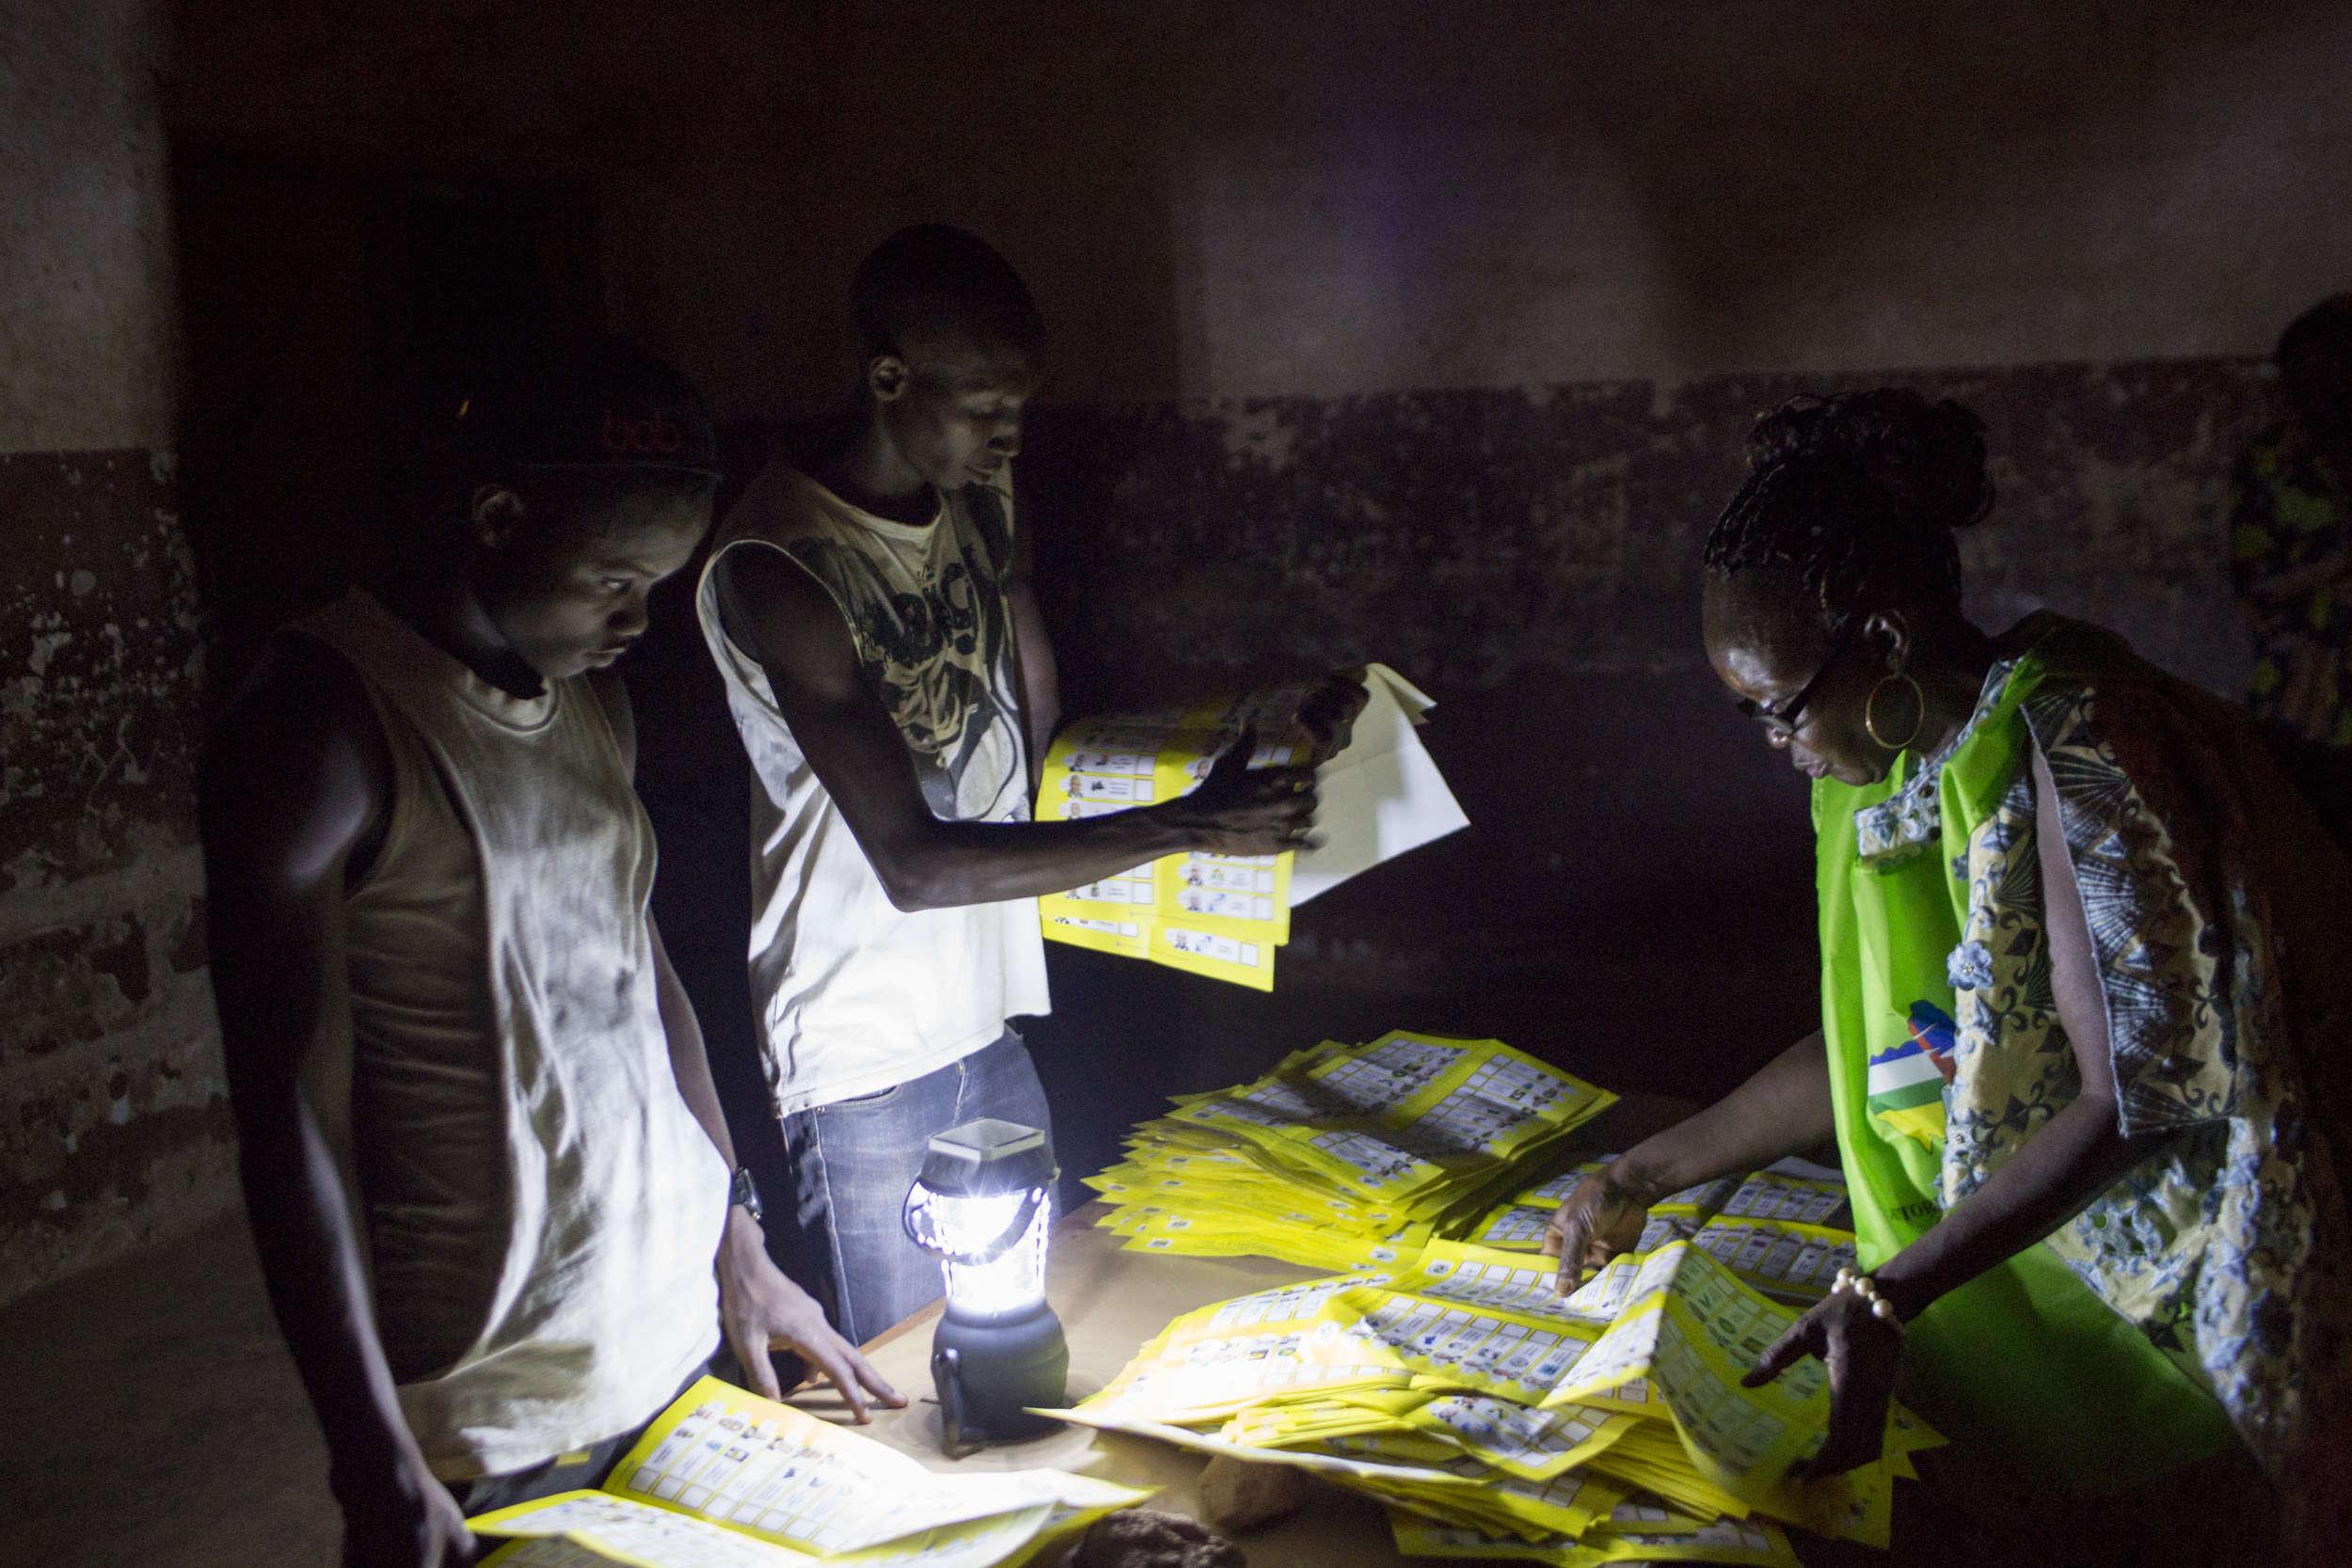 Le décompte a commencé dans la nuit à l'école Saint-François de Bangui. Les résultats ne devraient pas être connus avant une semaine.